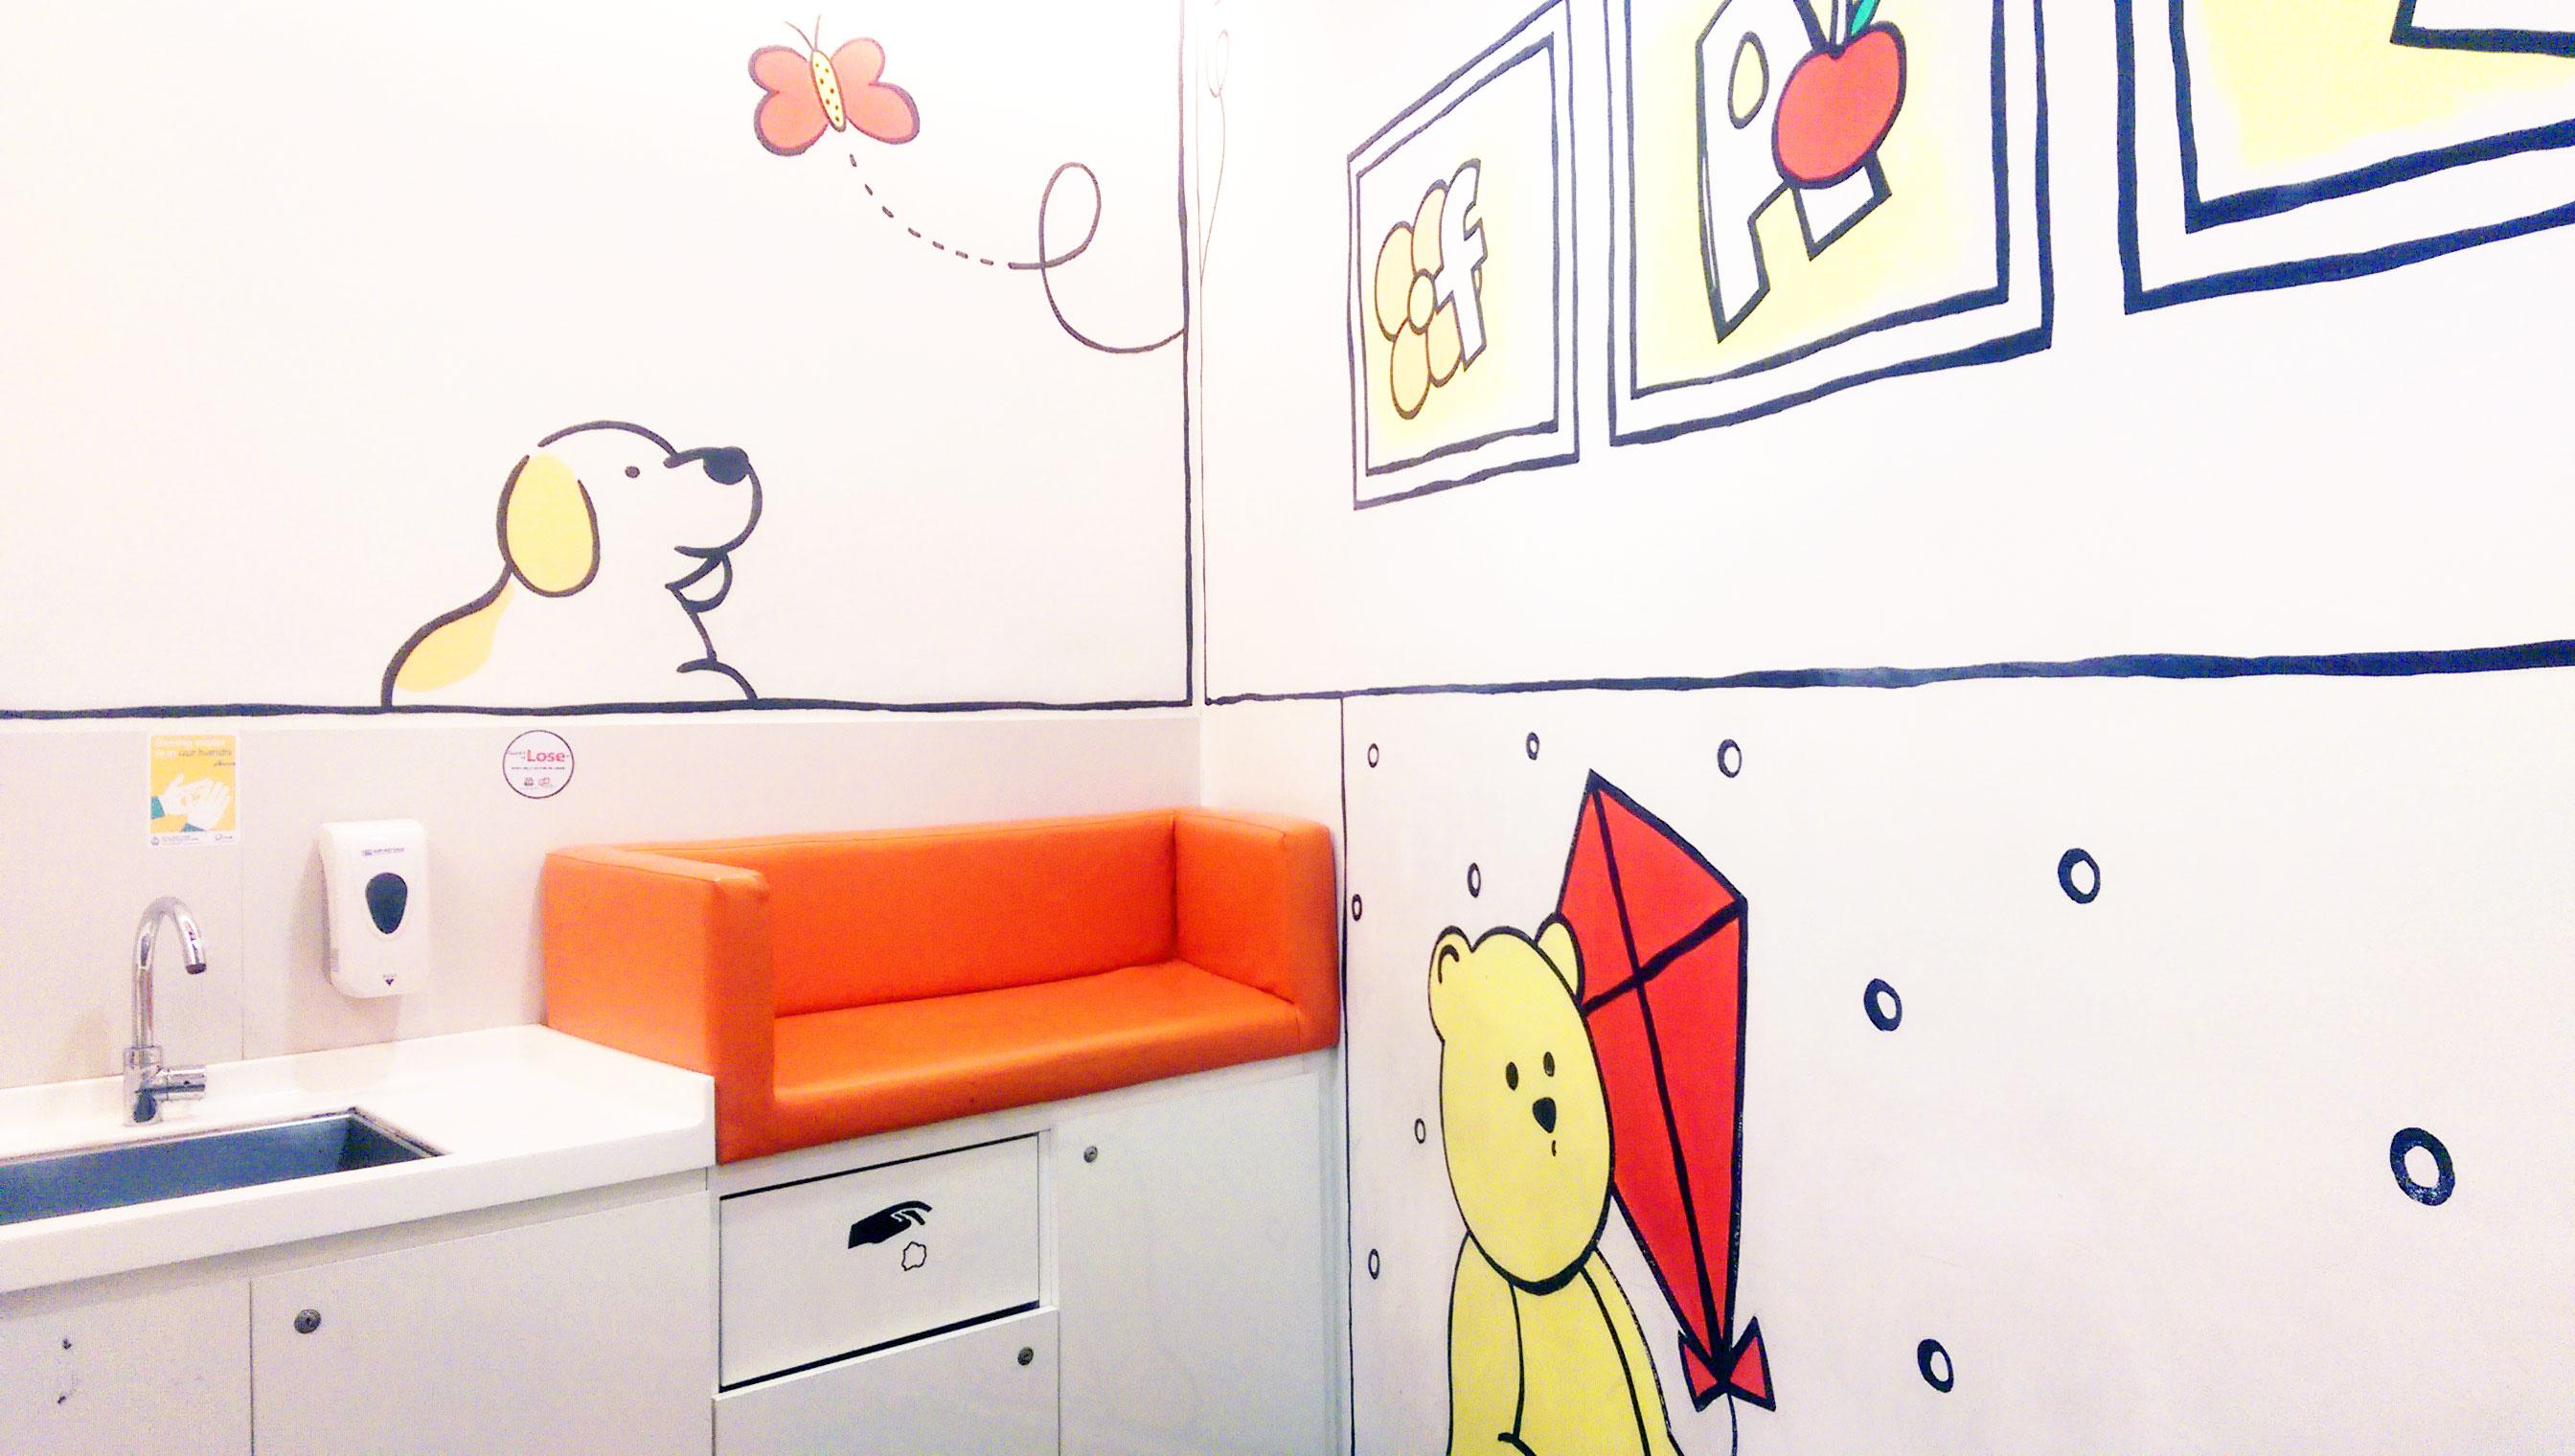 Szingapúr egy másik nagyon barátságos szoptatóhelyisége, mely ugyan letisztult, mégsem kelt túl steril hatást az aranyos rajzok és a narancsszín fel-felbukkanása miatt.